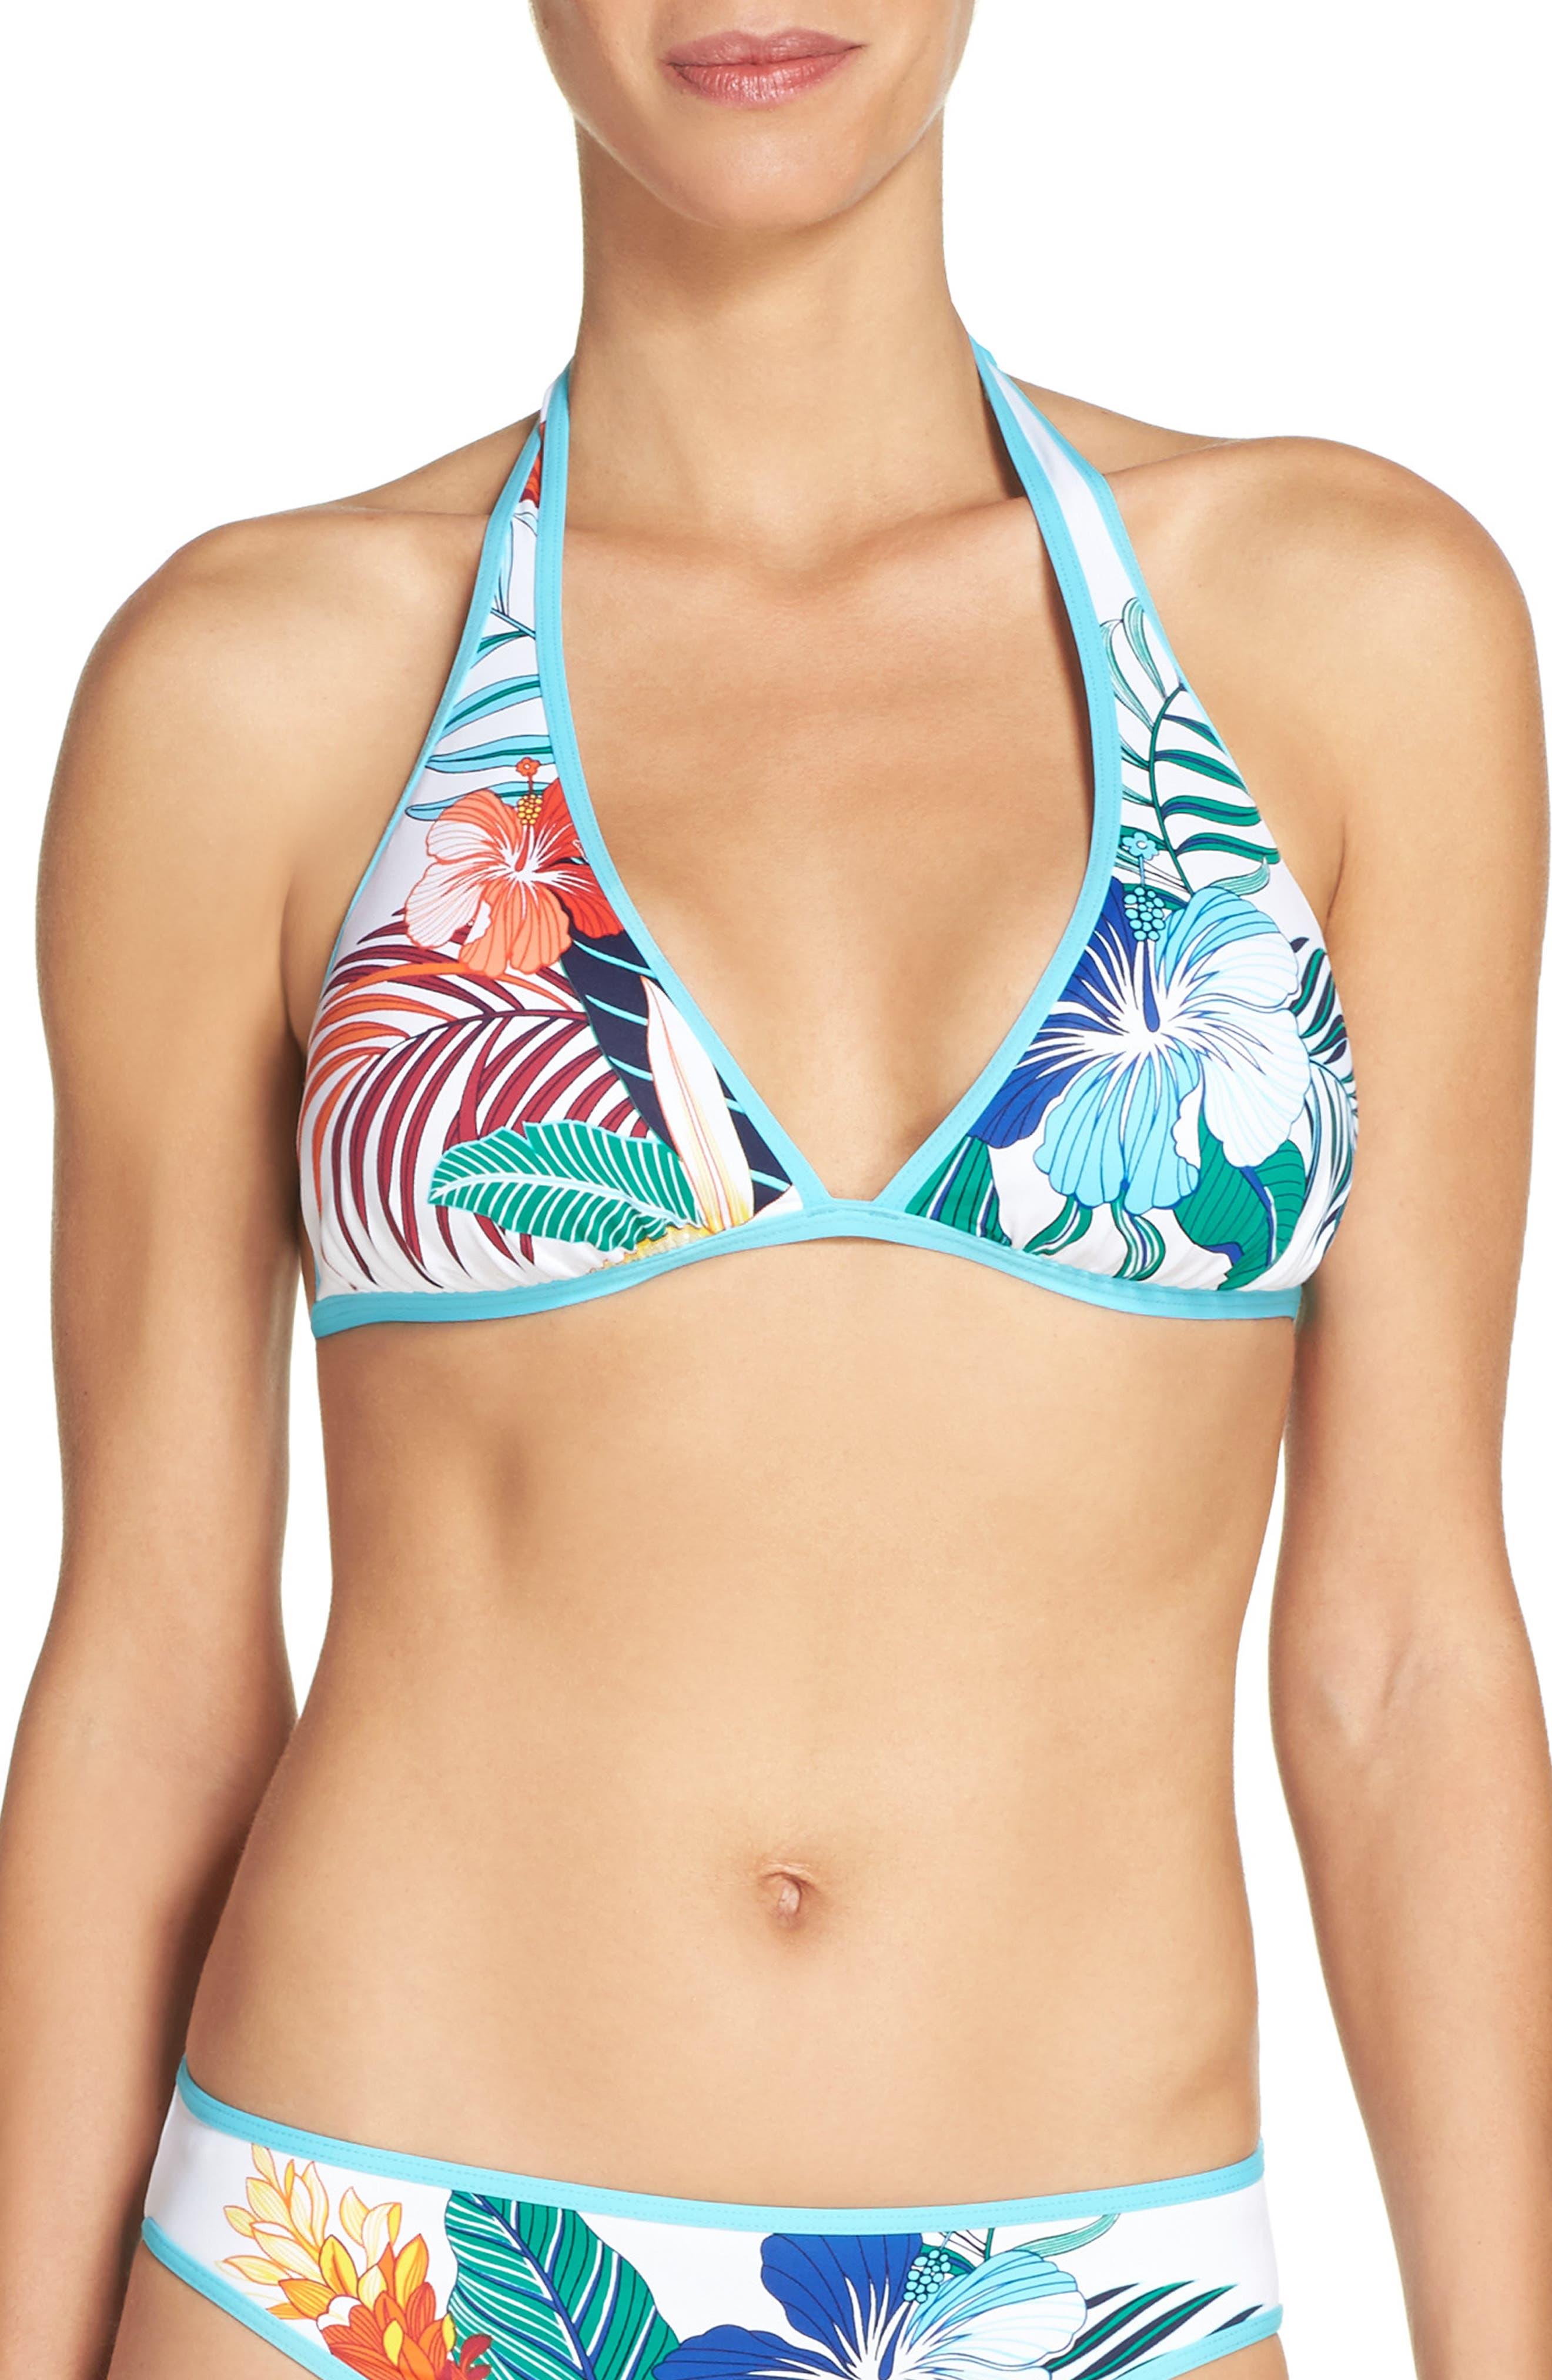 Hibiscus Print Bikini Top,                         Main,                         color, White